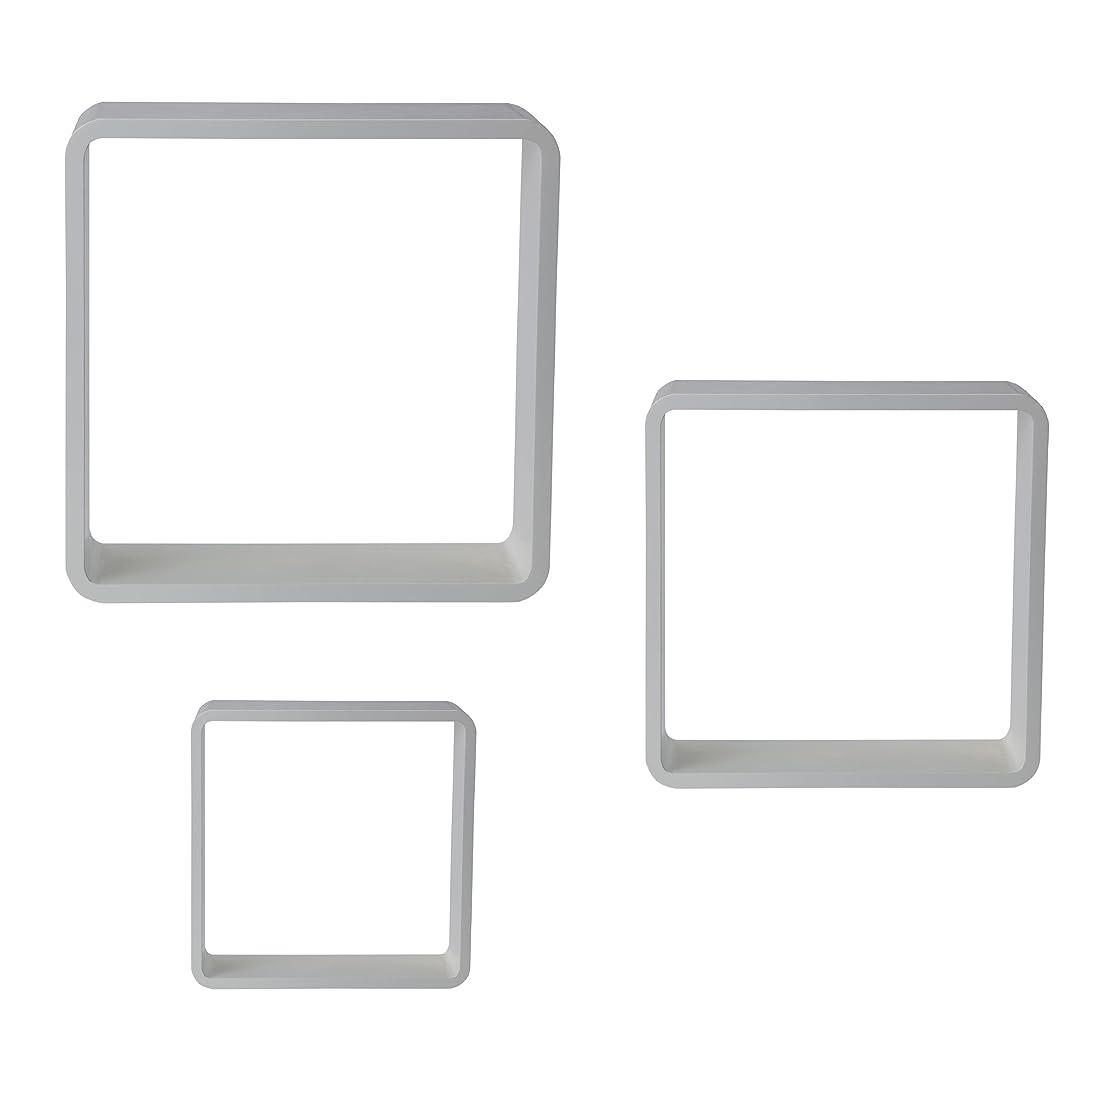 無限大宿泊オプショナルStudio Nova高光沢Cubes ( Set of 3?)、ホワイト